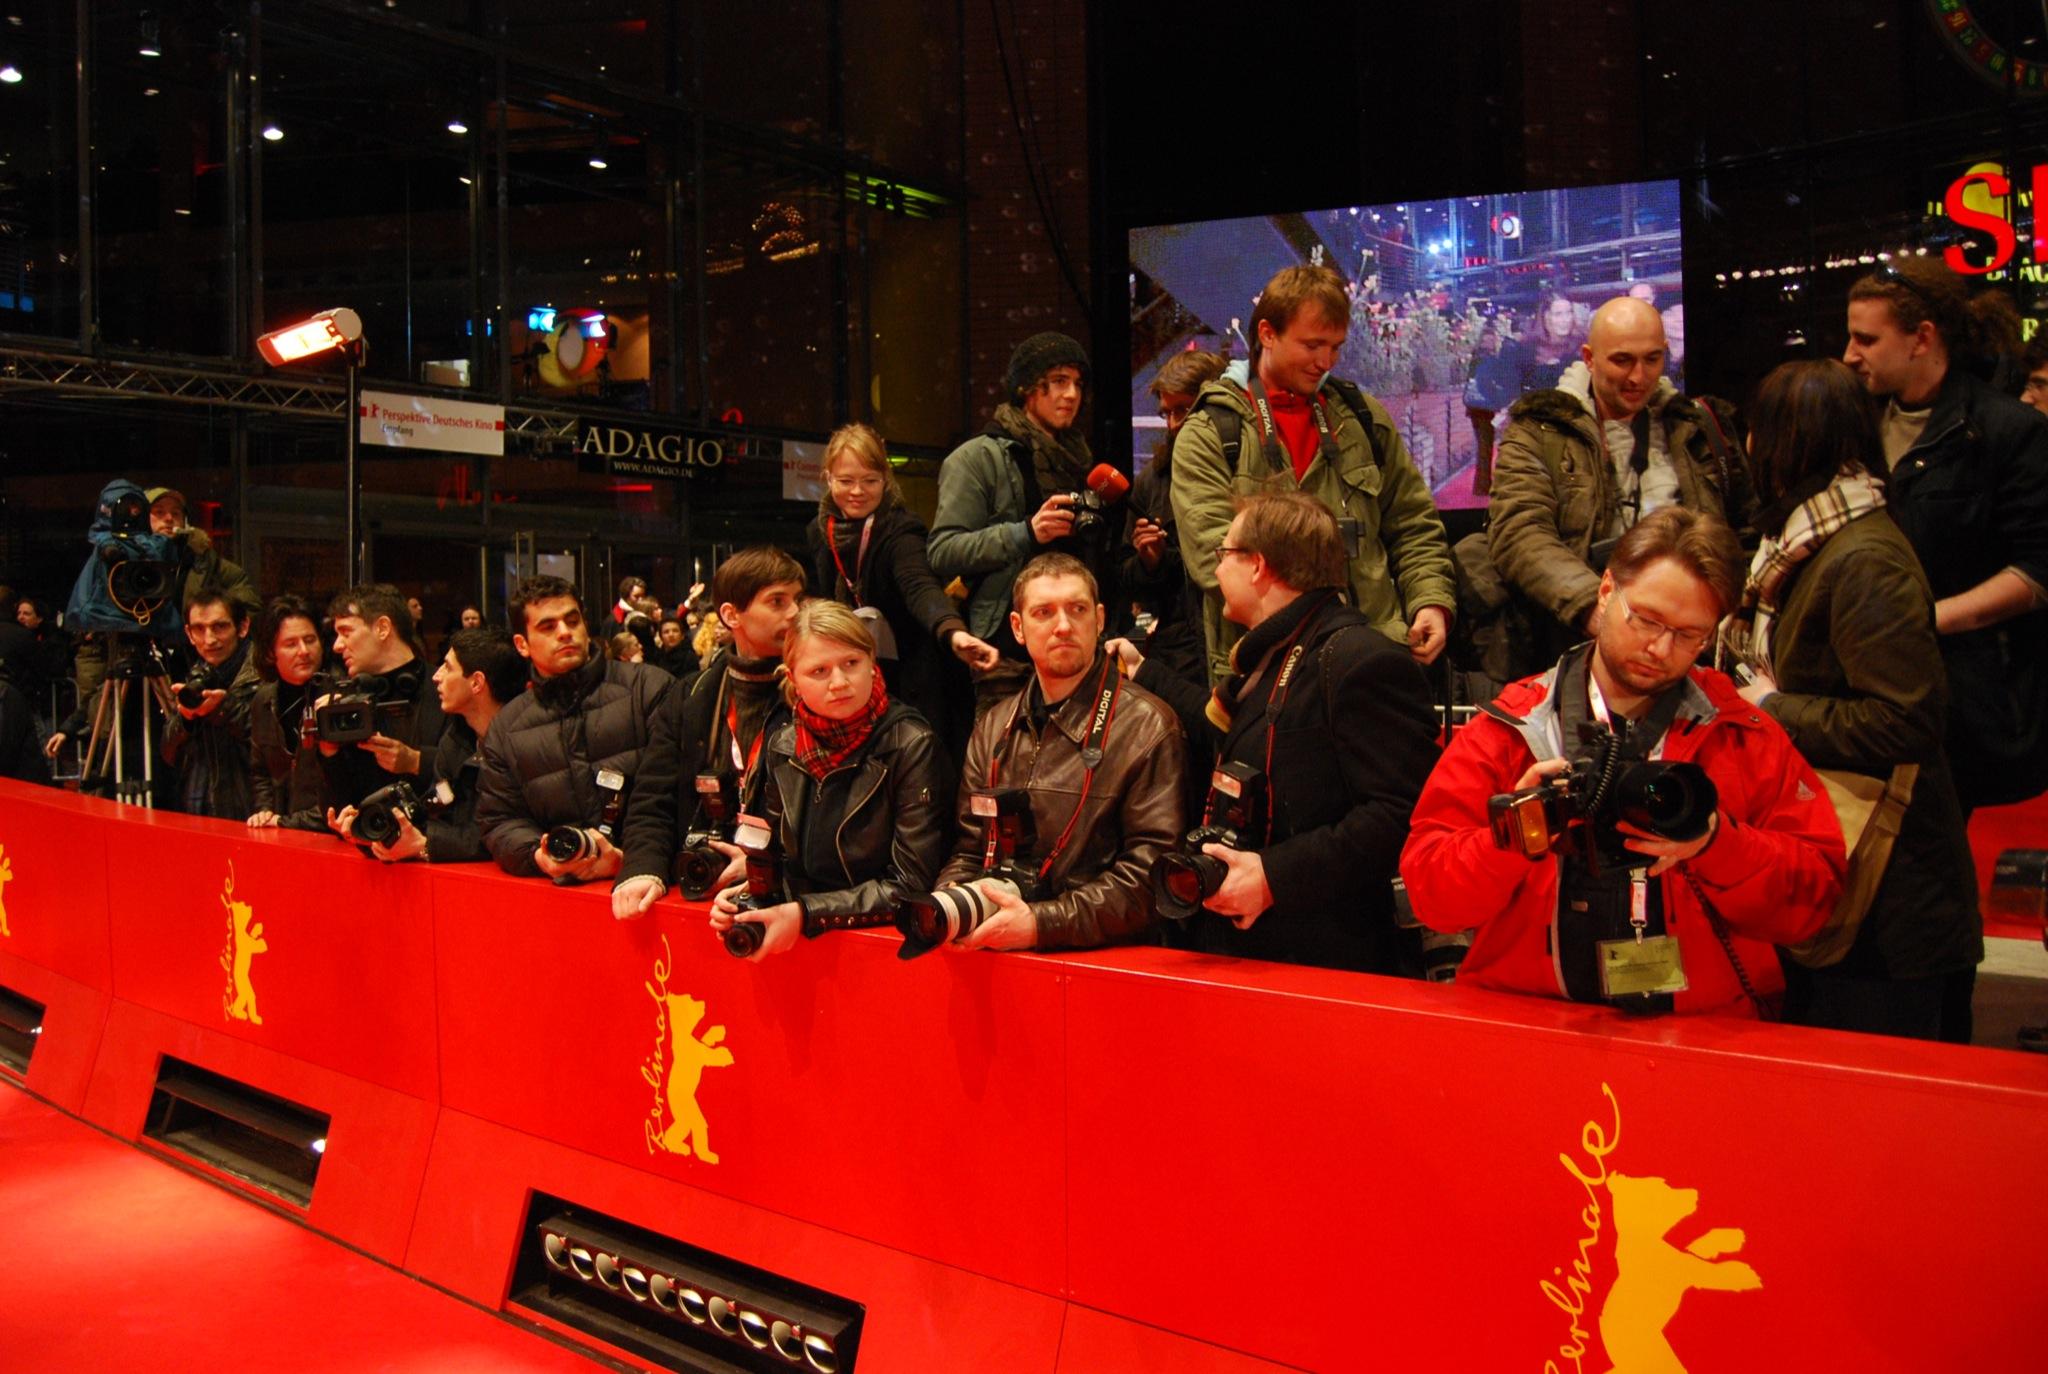 Fotografen in Wartestellung am roten Berlinale-Teppich.